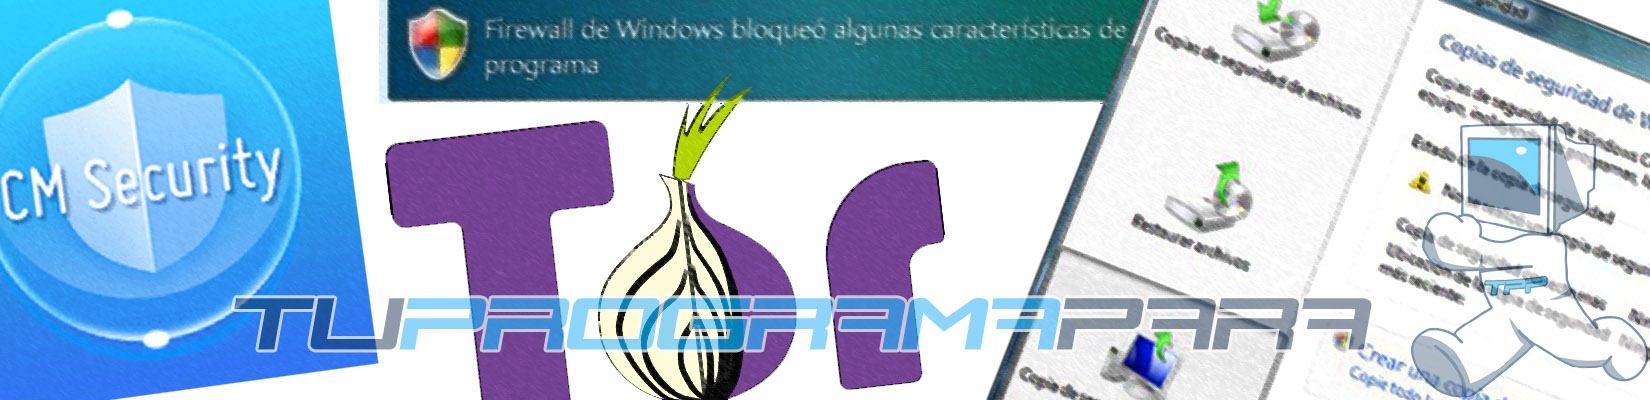 software de seguridad y privacidad